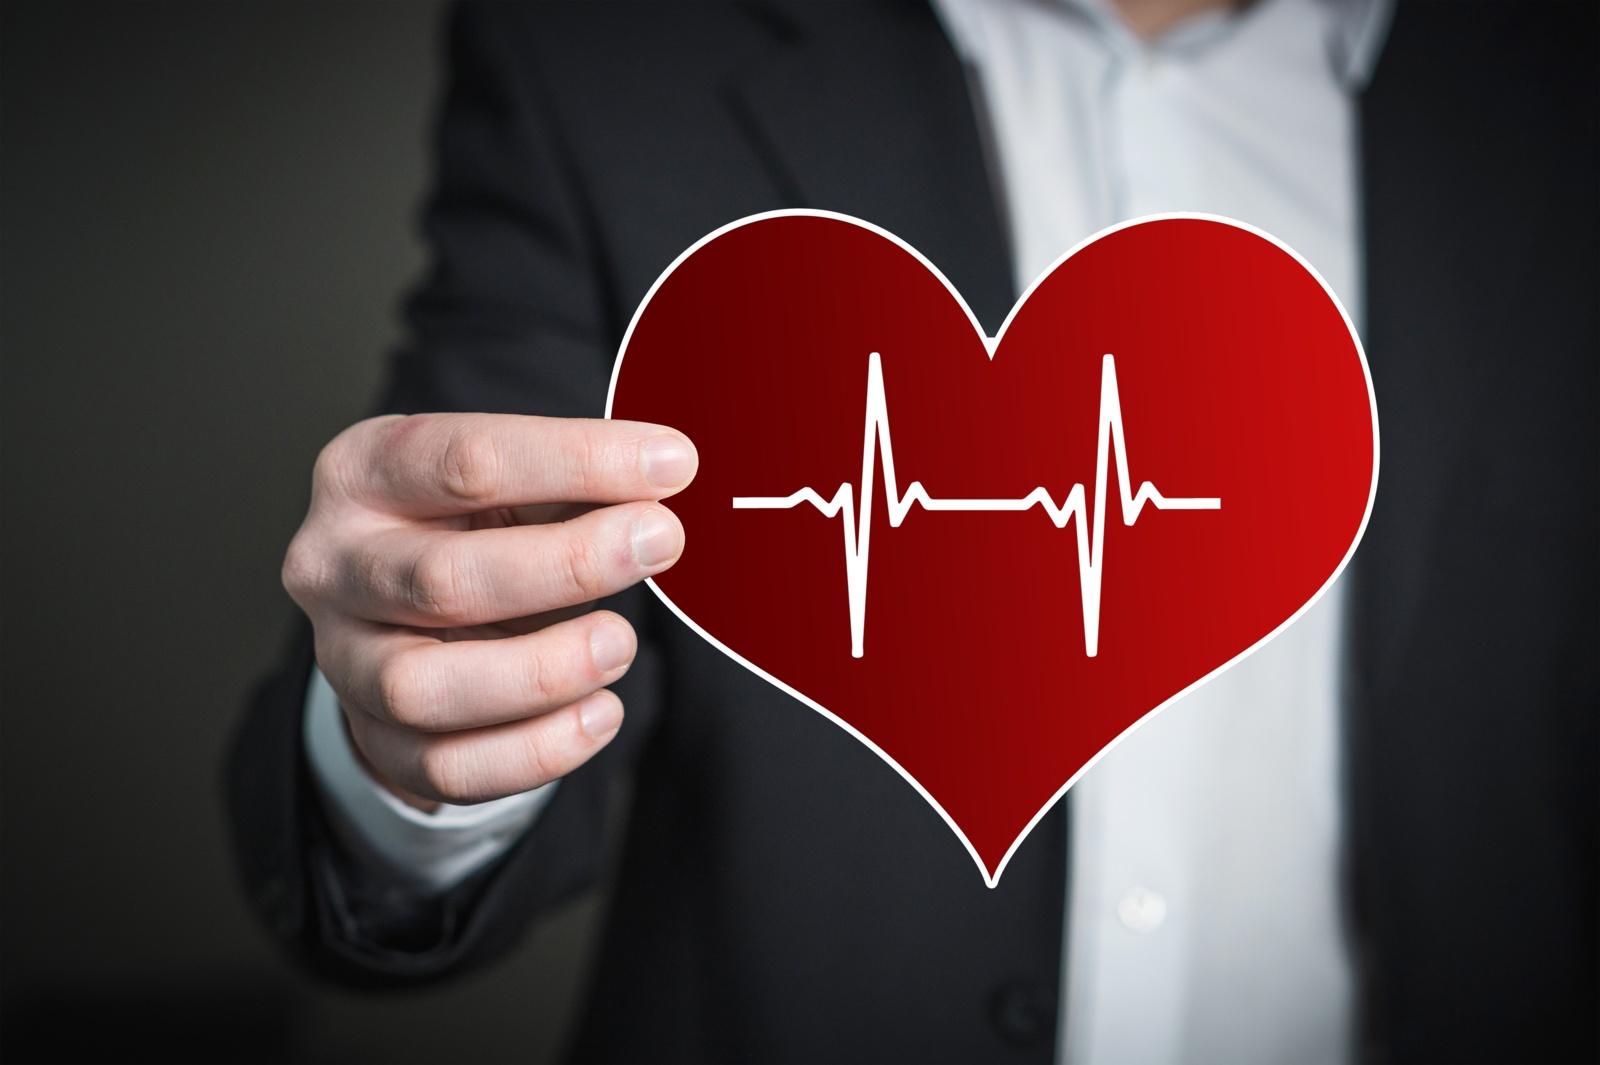 kurį sartaną pasirinkti lengvai hipertenzijai gydyti mokama ligoninės hipertenzija